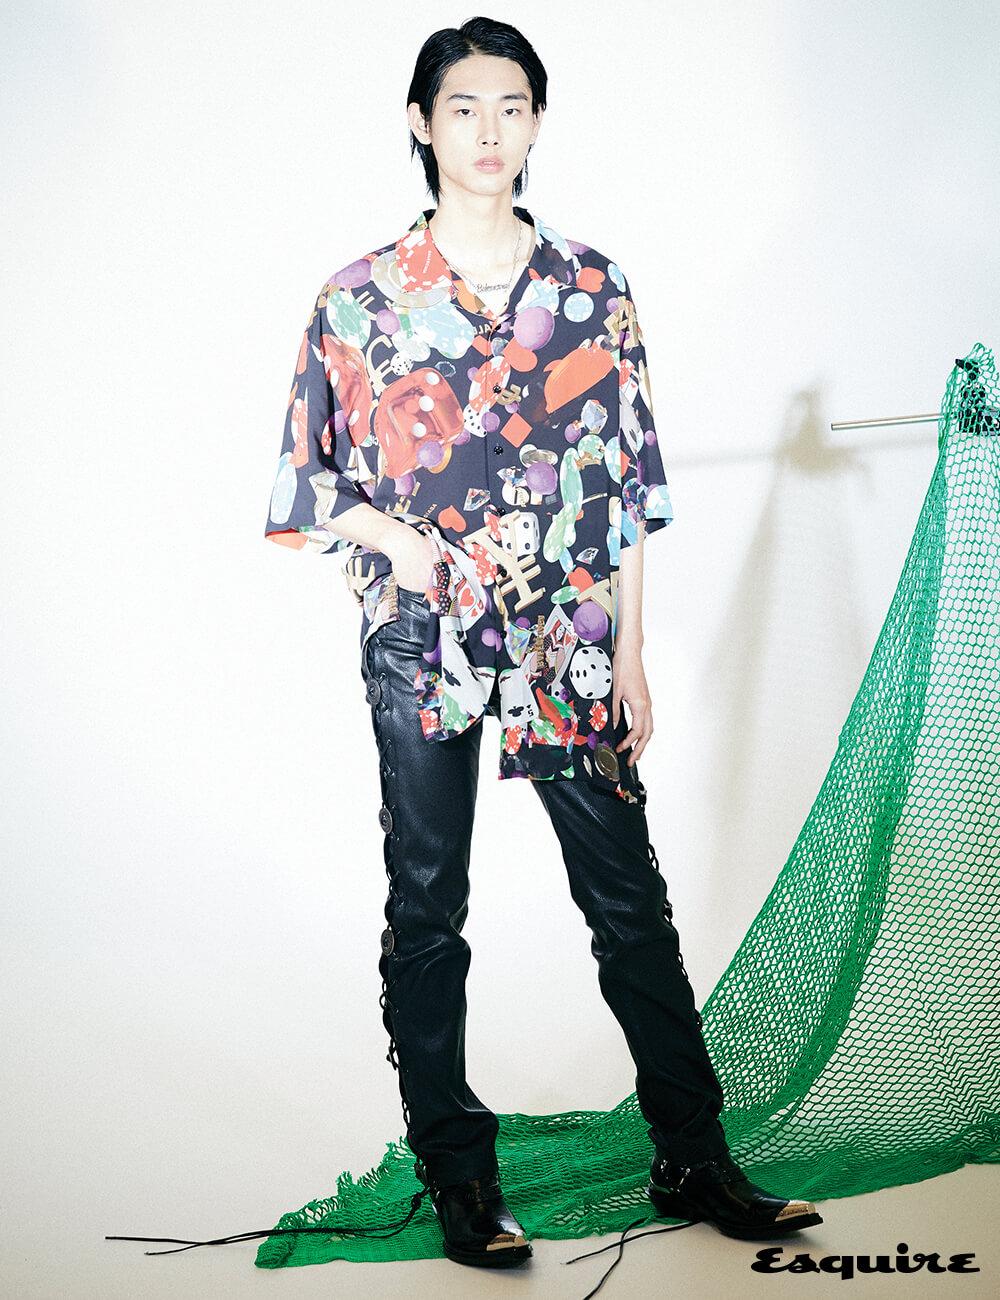 카지노 프린팅 셔츠, 가죽 바지, 하네스 부티, 로고 참 목걸이 모두 가격 미정 발렌시아가.